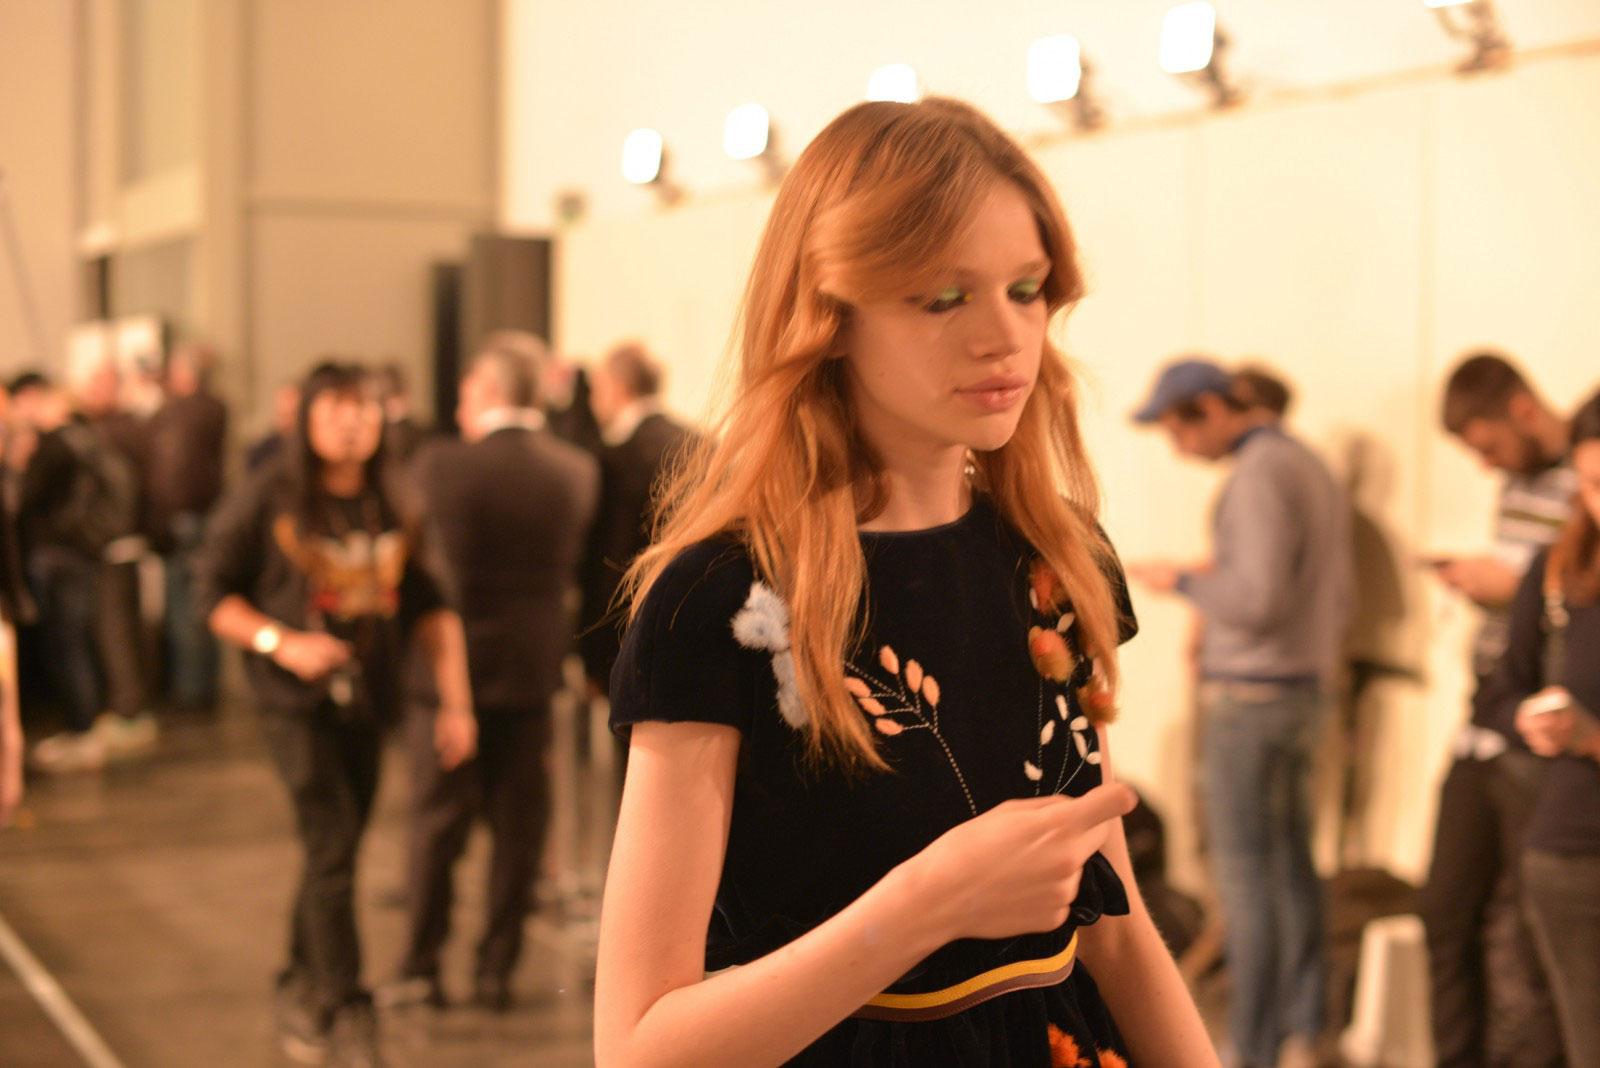 Backstage at FENDI Milan fashion week